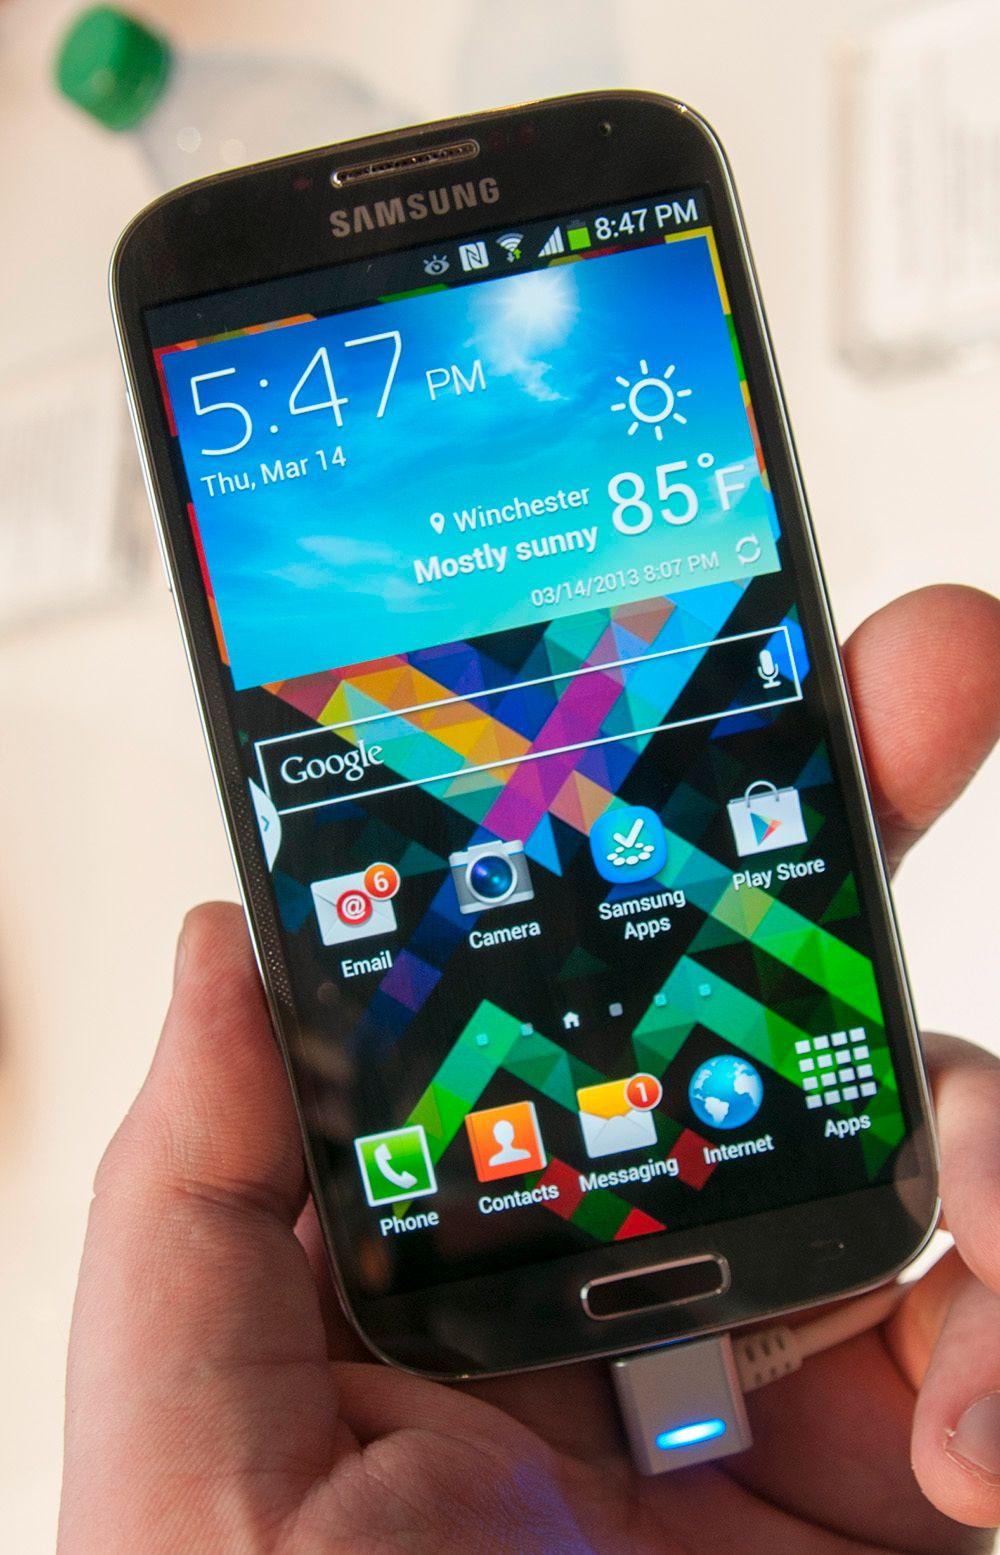 Slik ser den blå utgaven av Galaxy S4 ut.Foto: Finn Jarle Kvalheim, Amobil.no